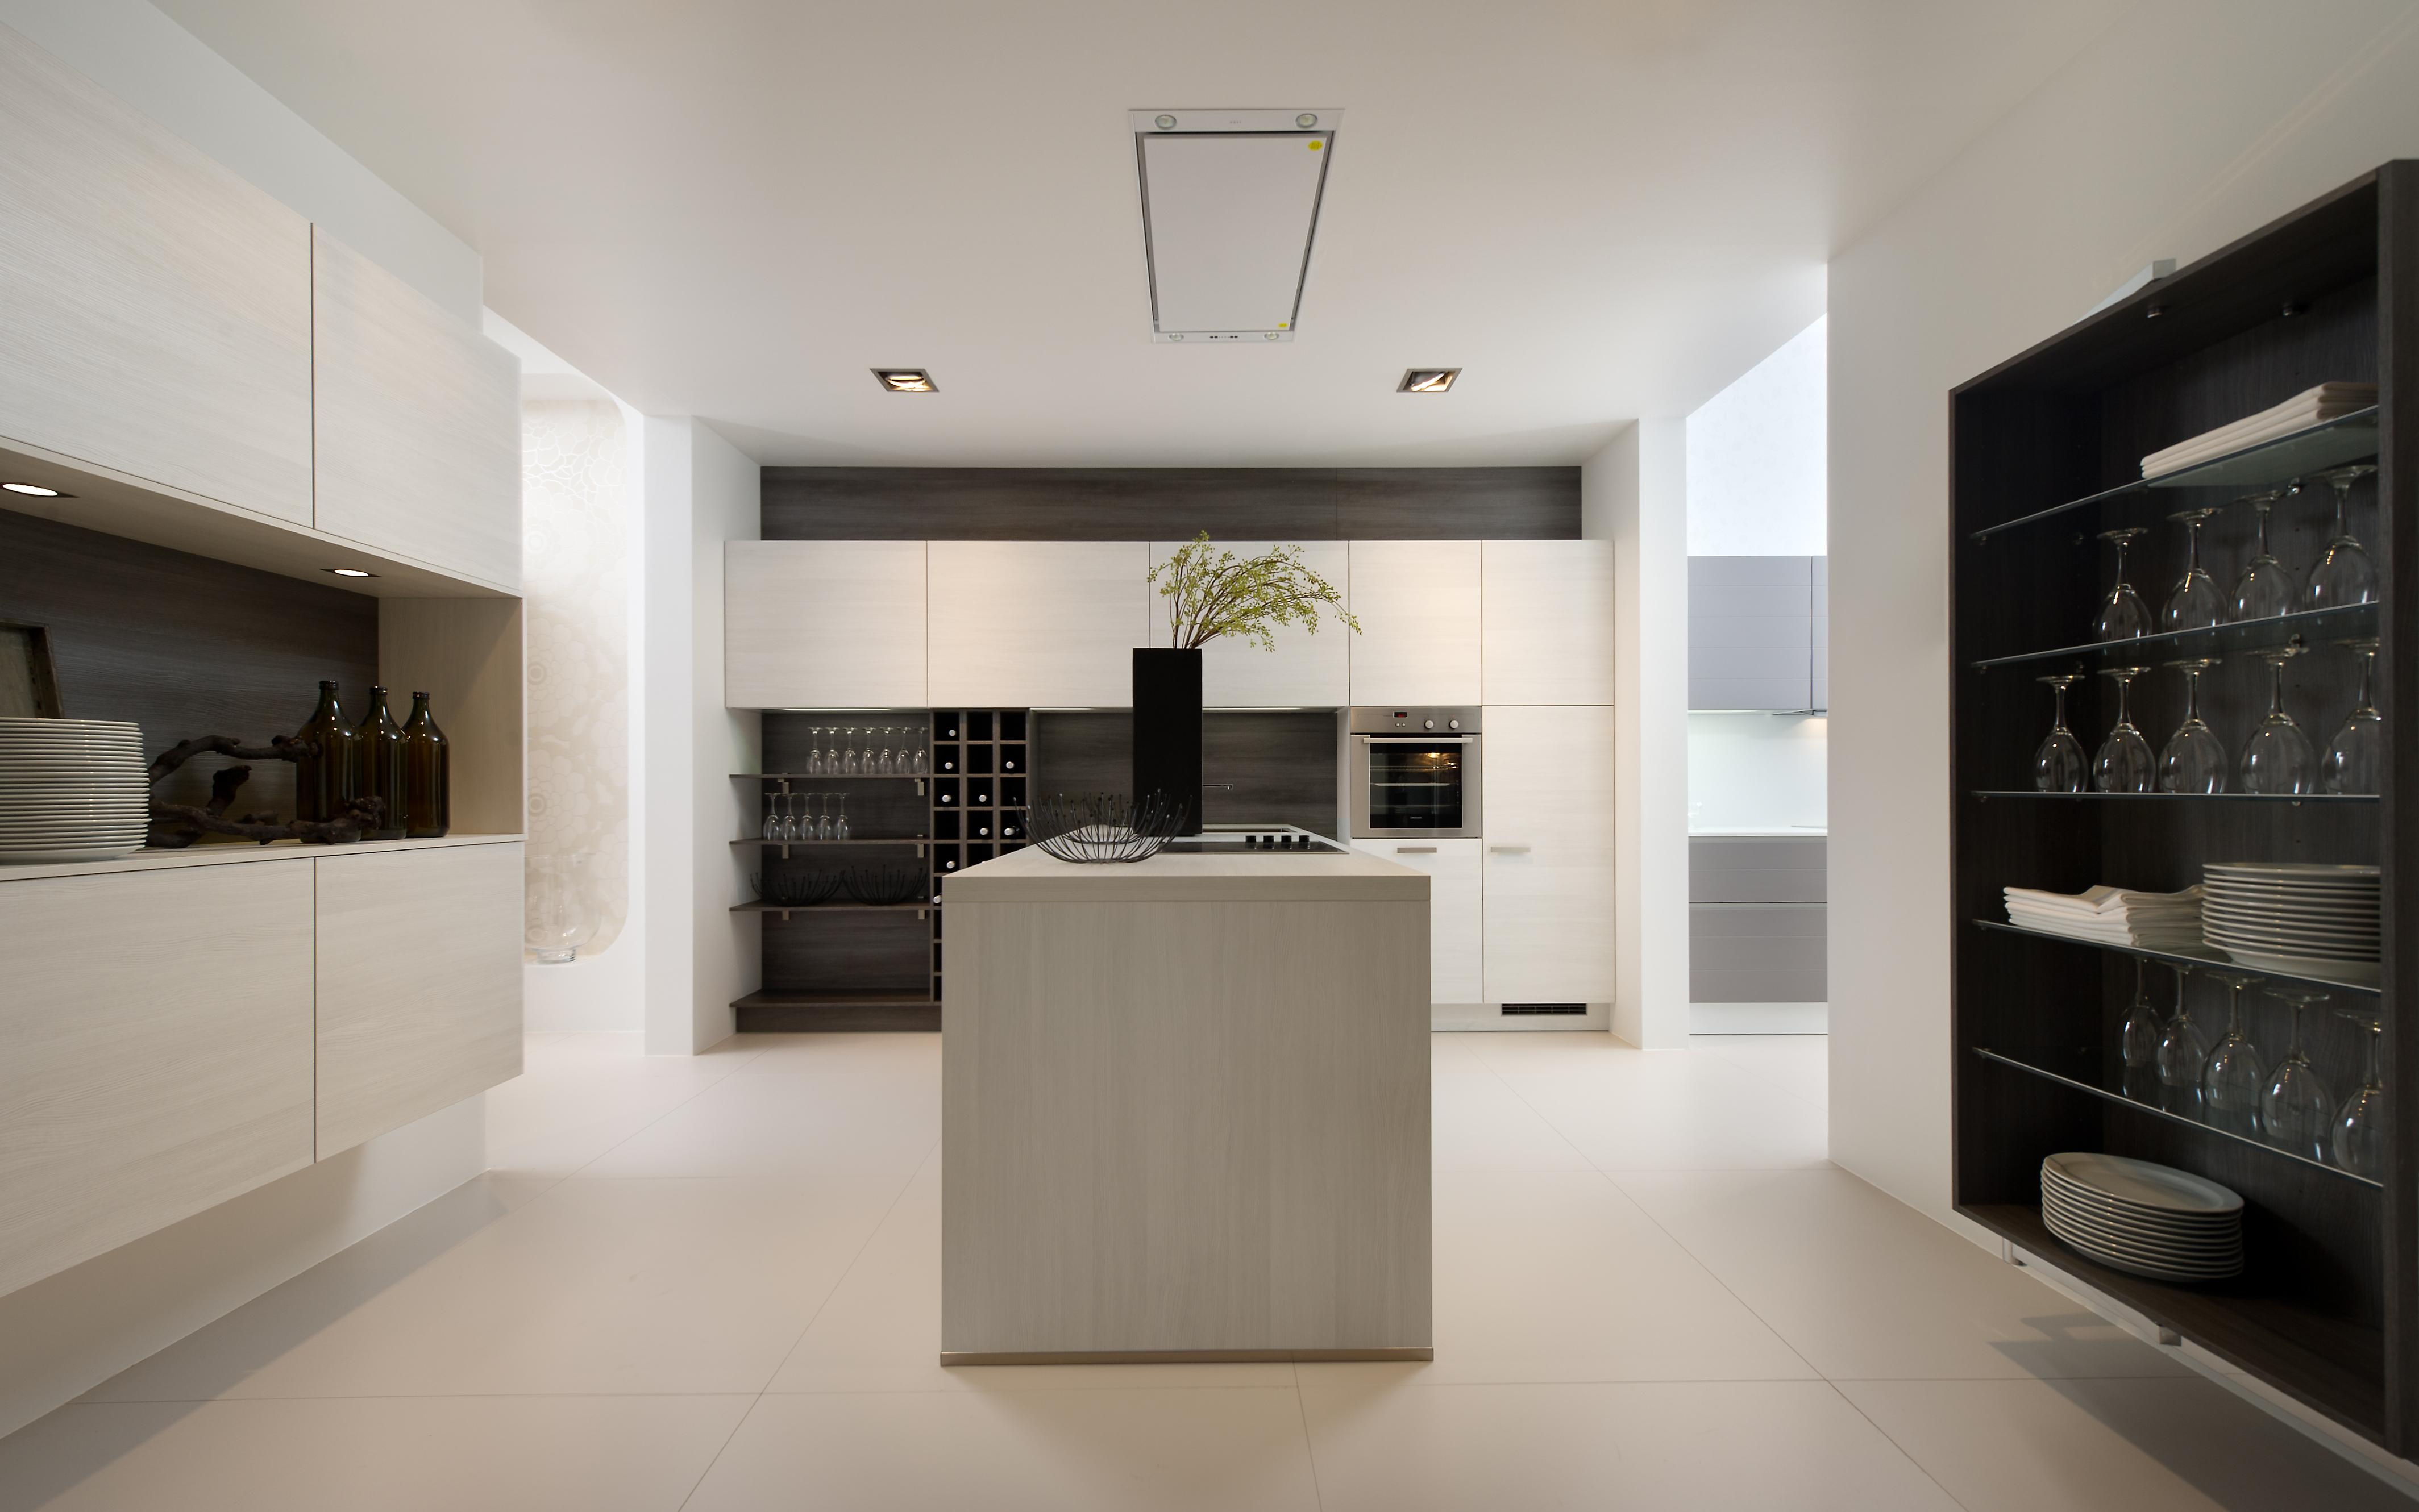 About us linear kitchen designs - Manhattan kitchen design ...